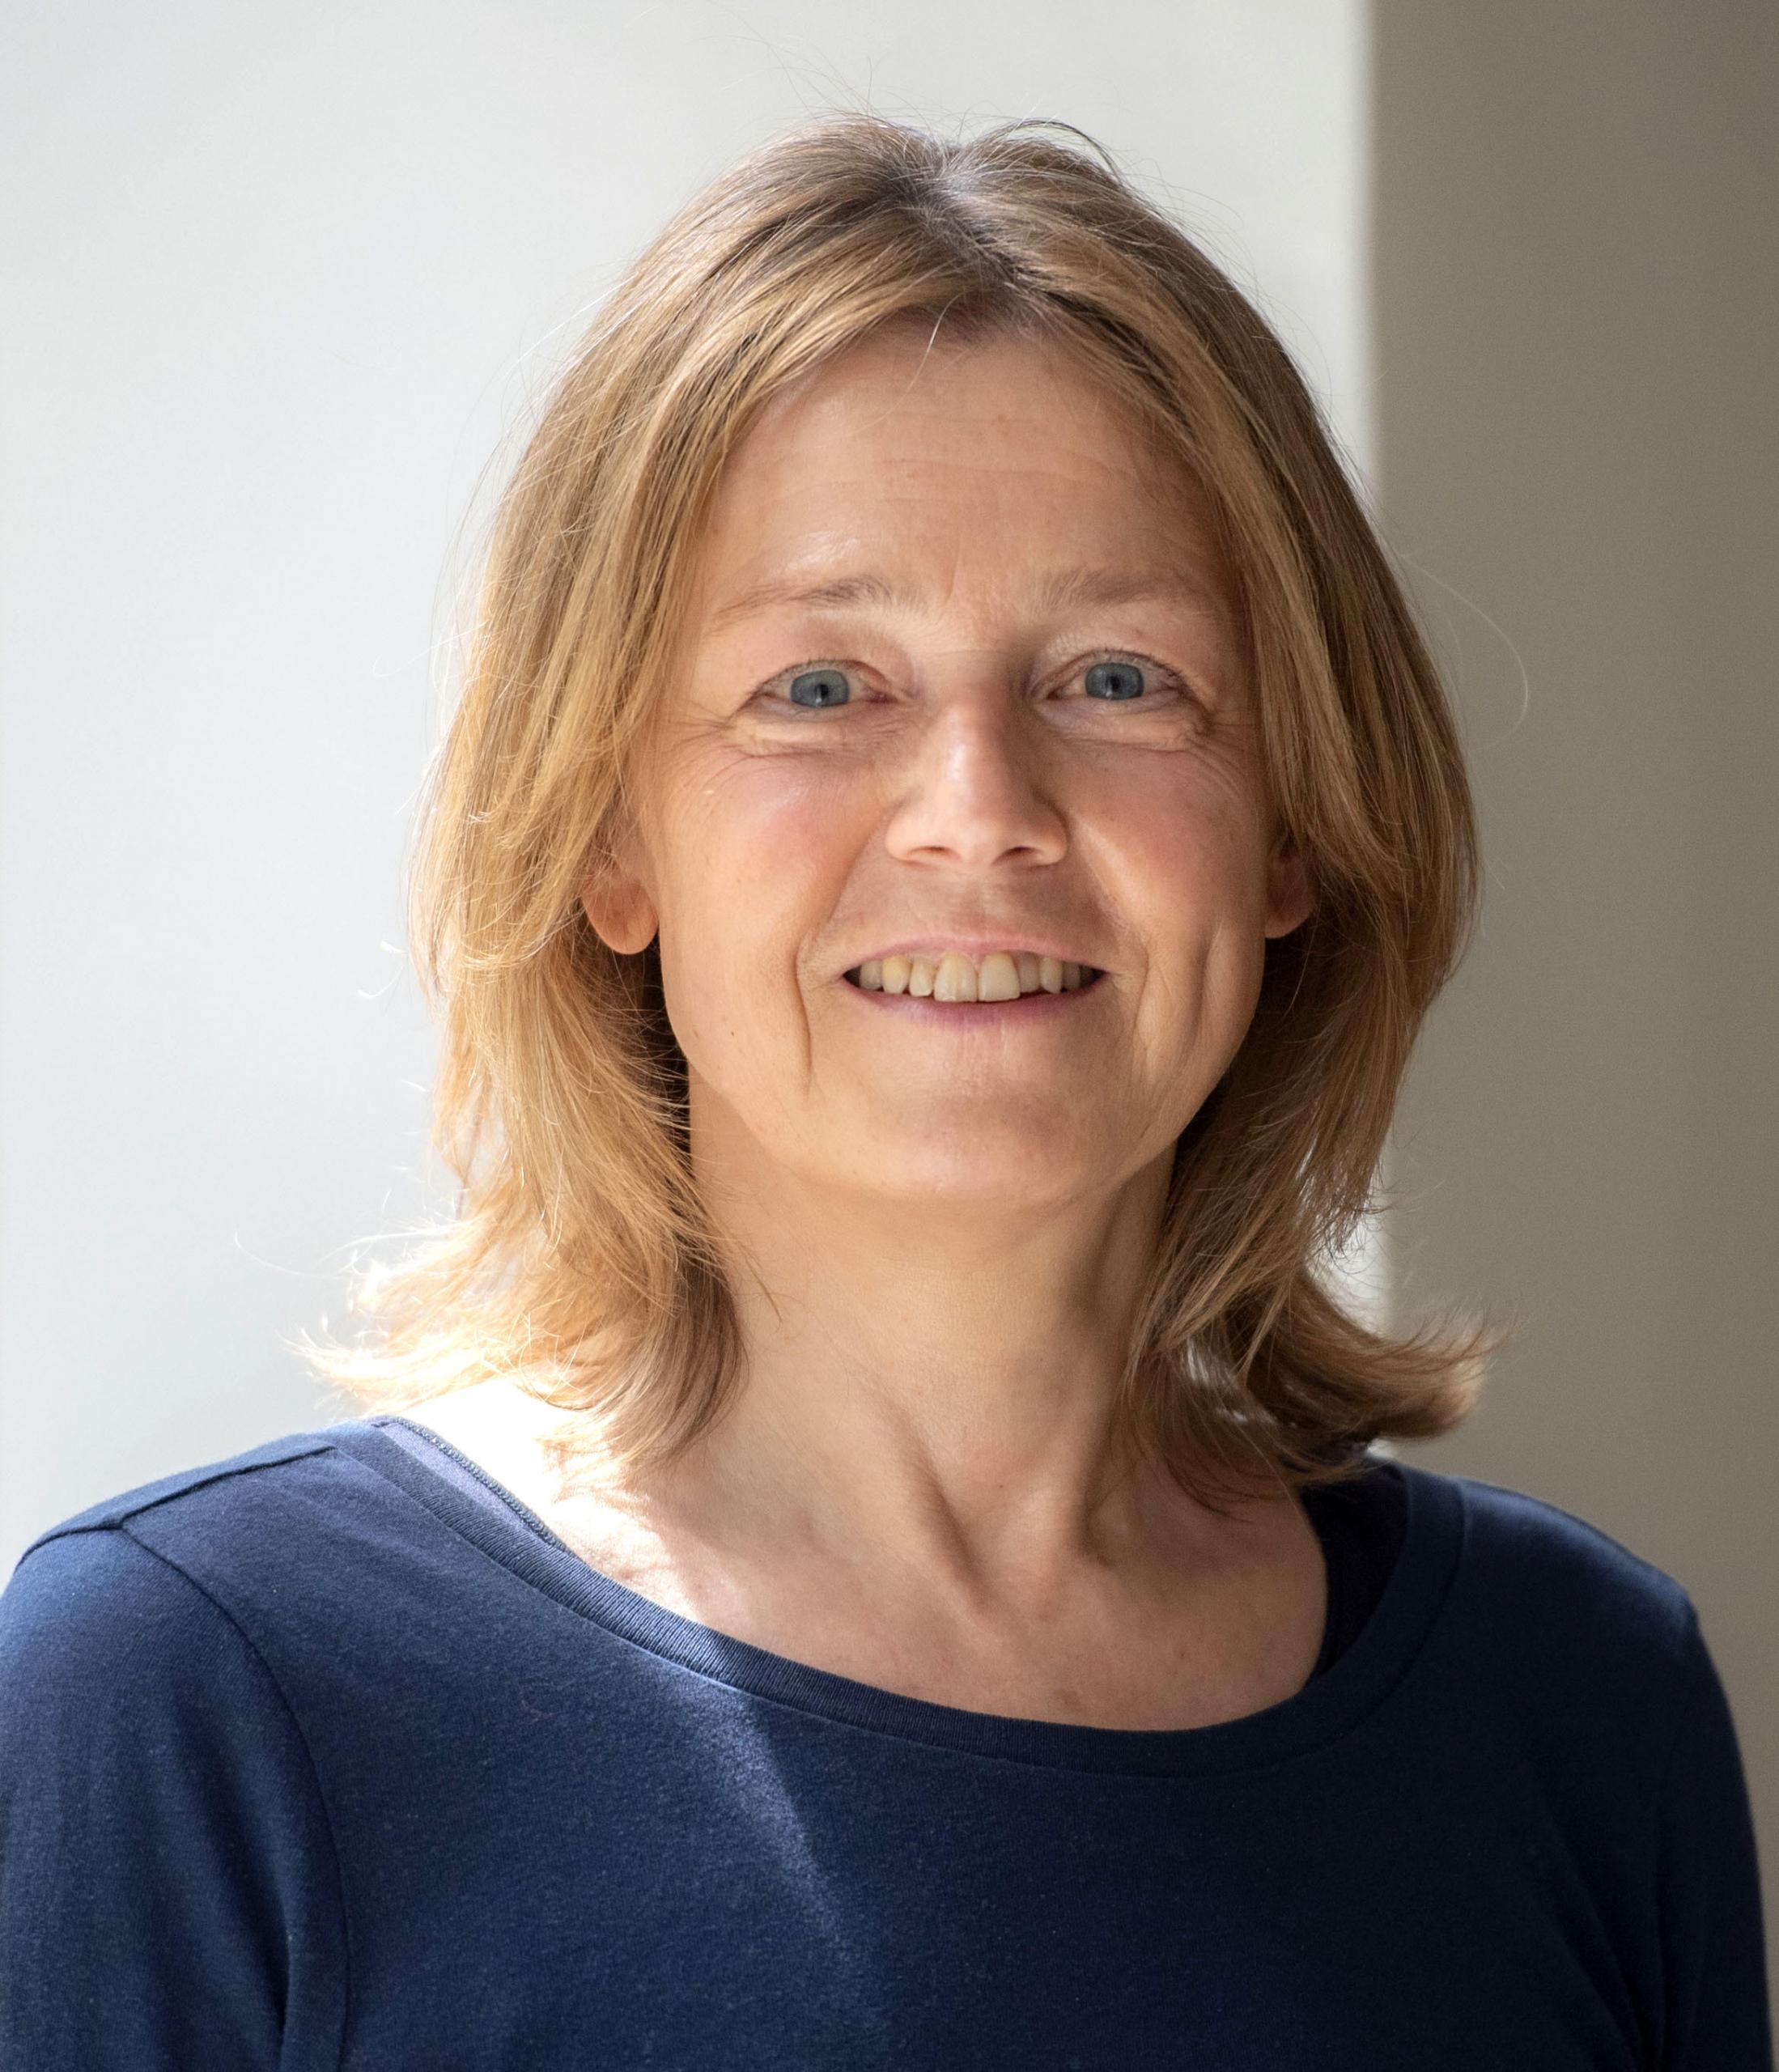 Susann Rittner